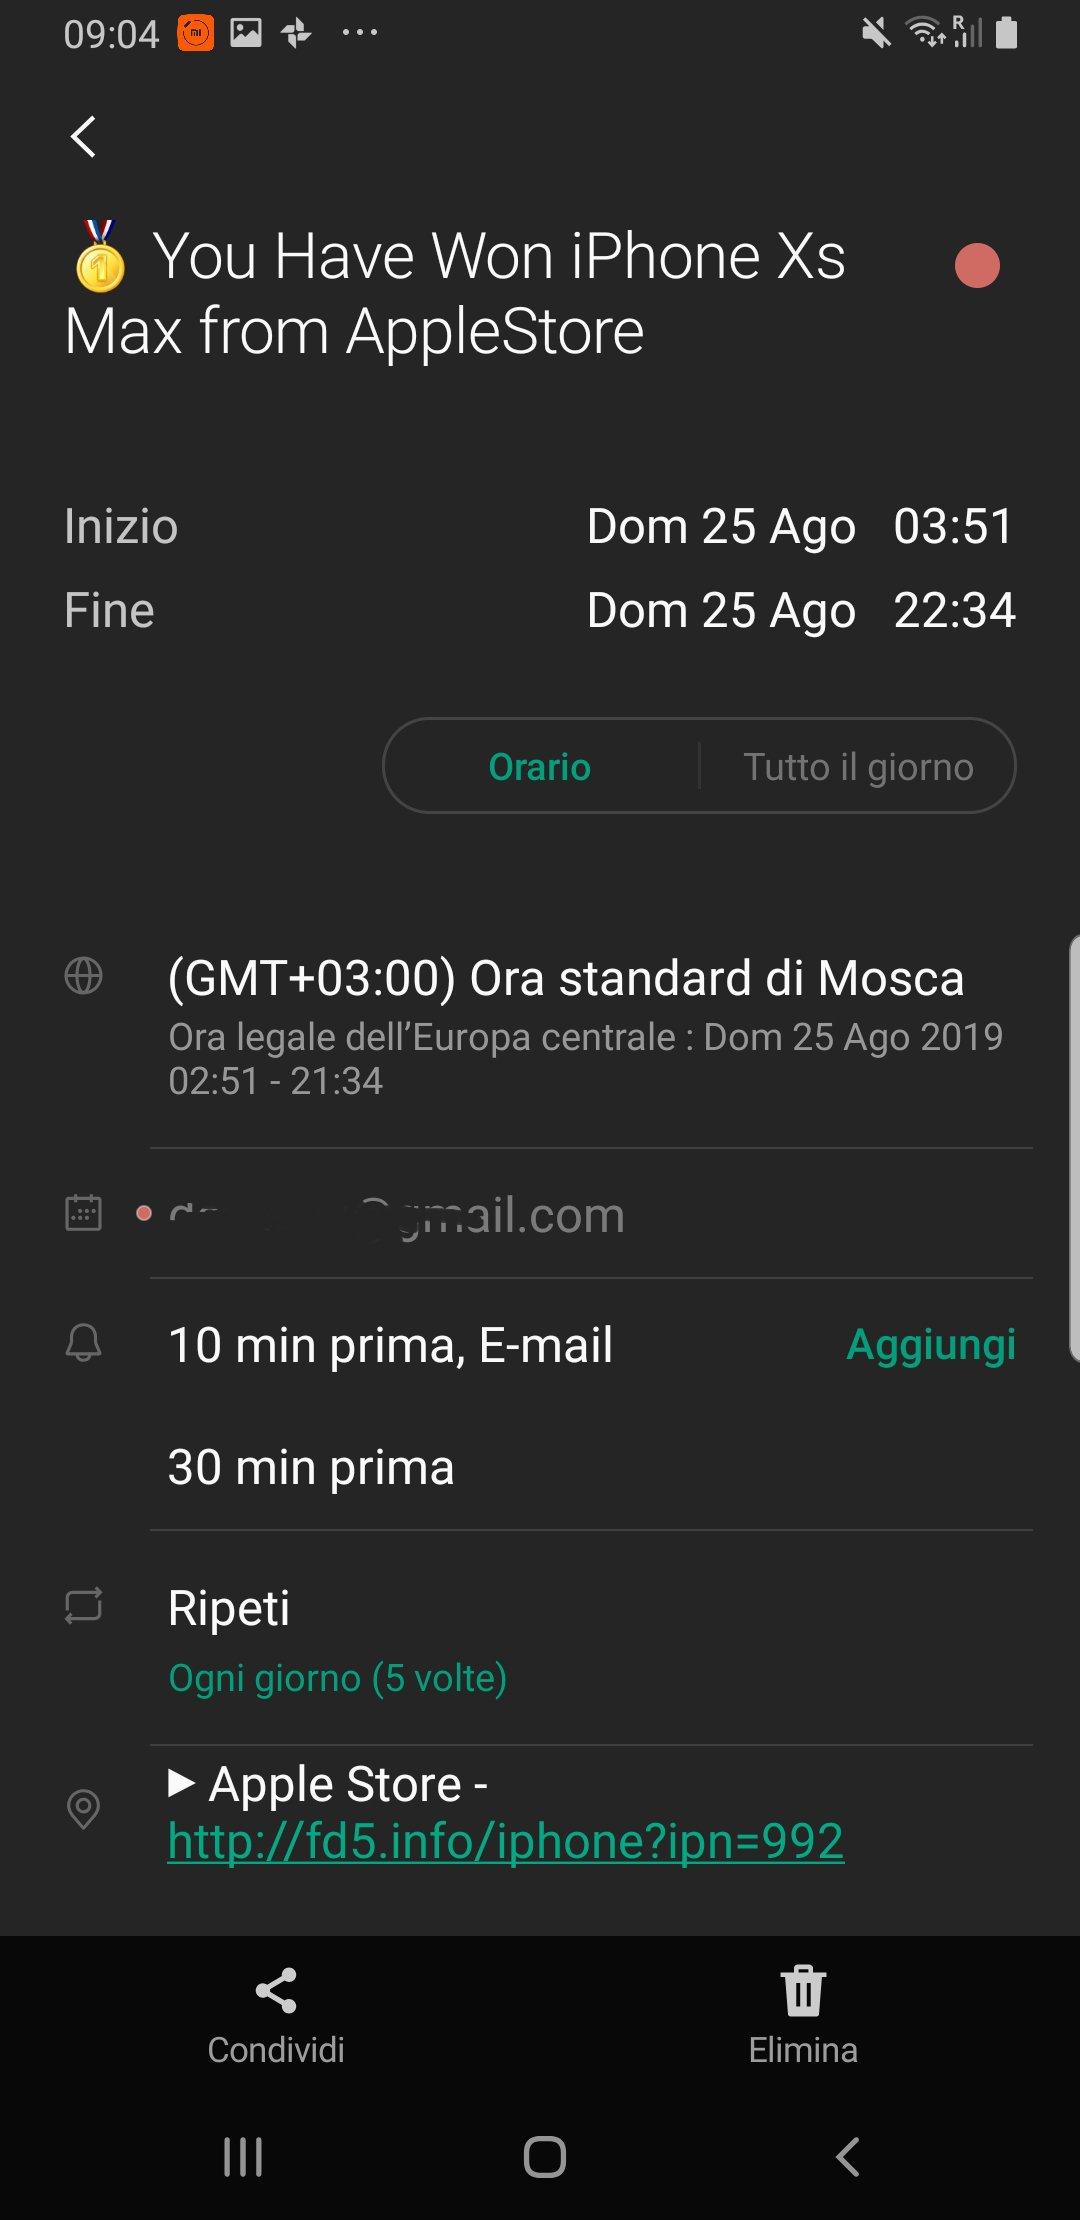 Google Calendar vittima di phishing. Come risolvere il problema dello spam? 1